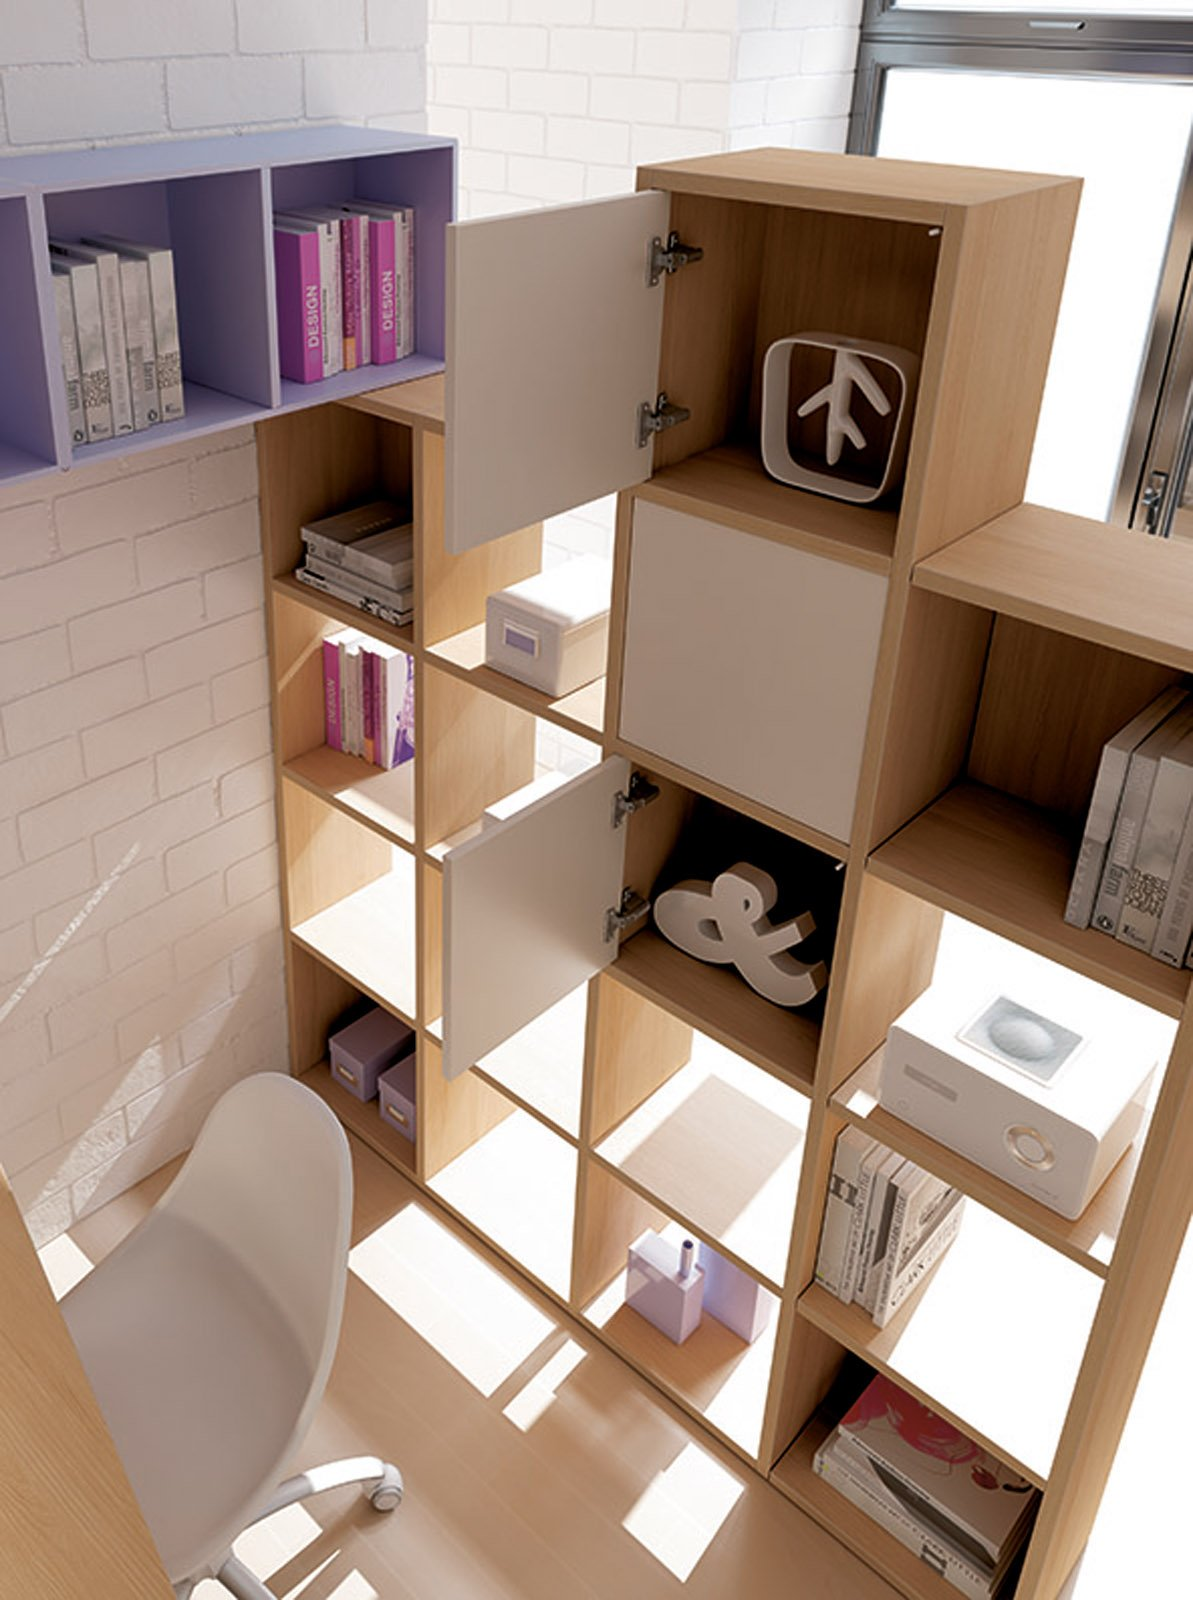 La libreria per dividere due stanze cose di casa for Idee per dividere casa